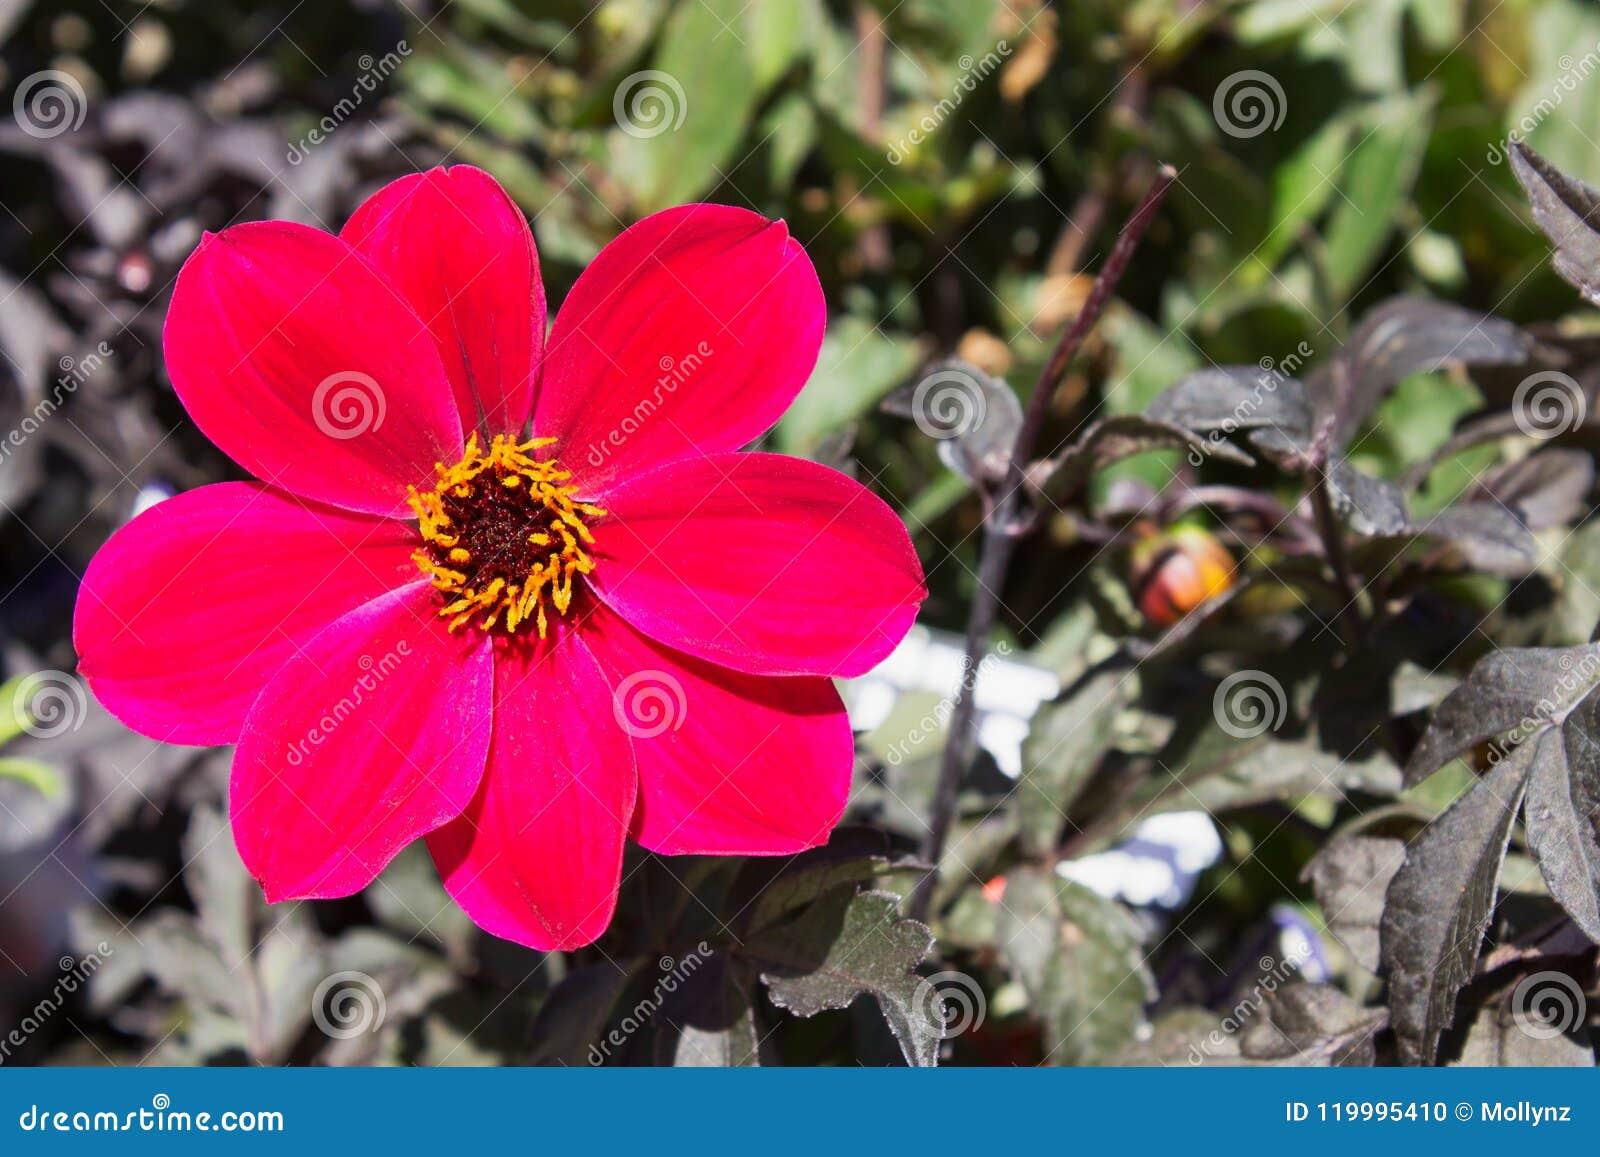 Sluit beeld van enig cerise omhoog Dahlia Mystic Allure Flower